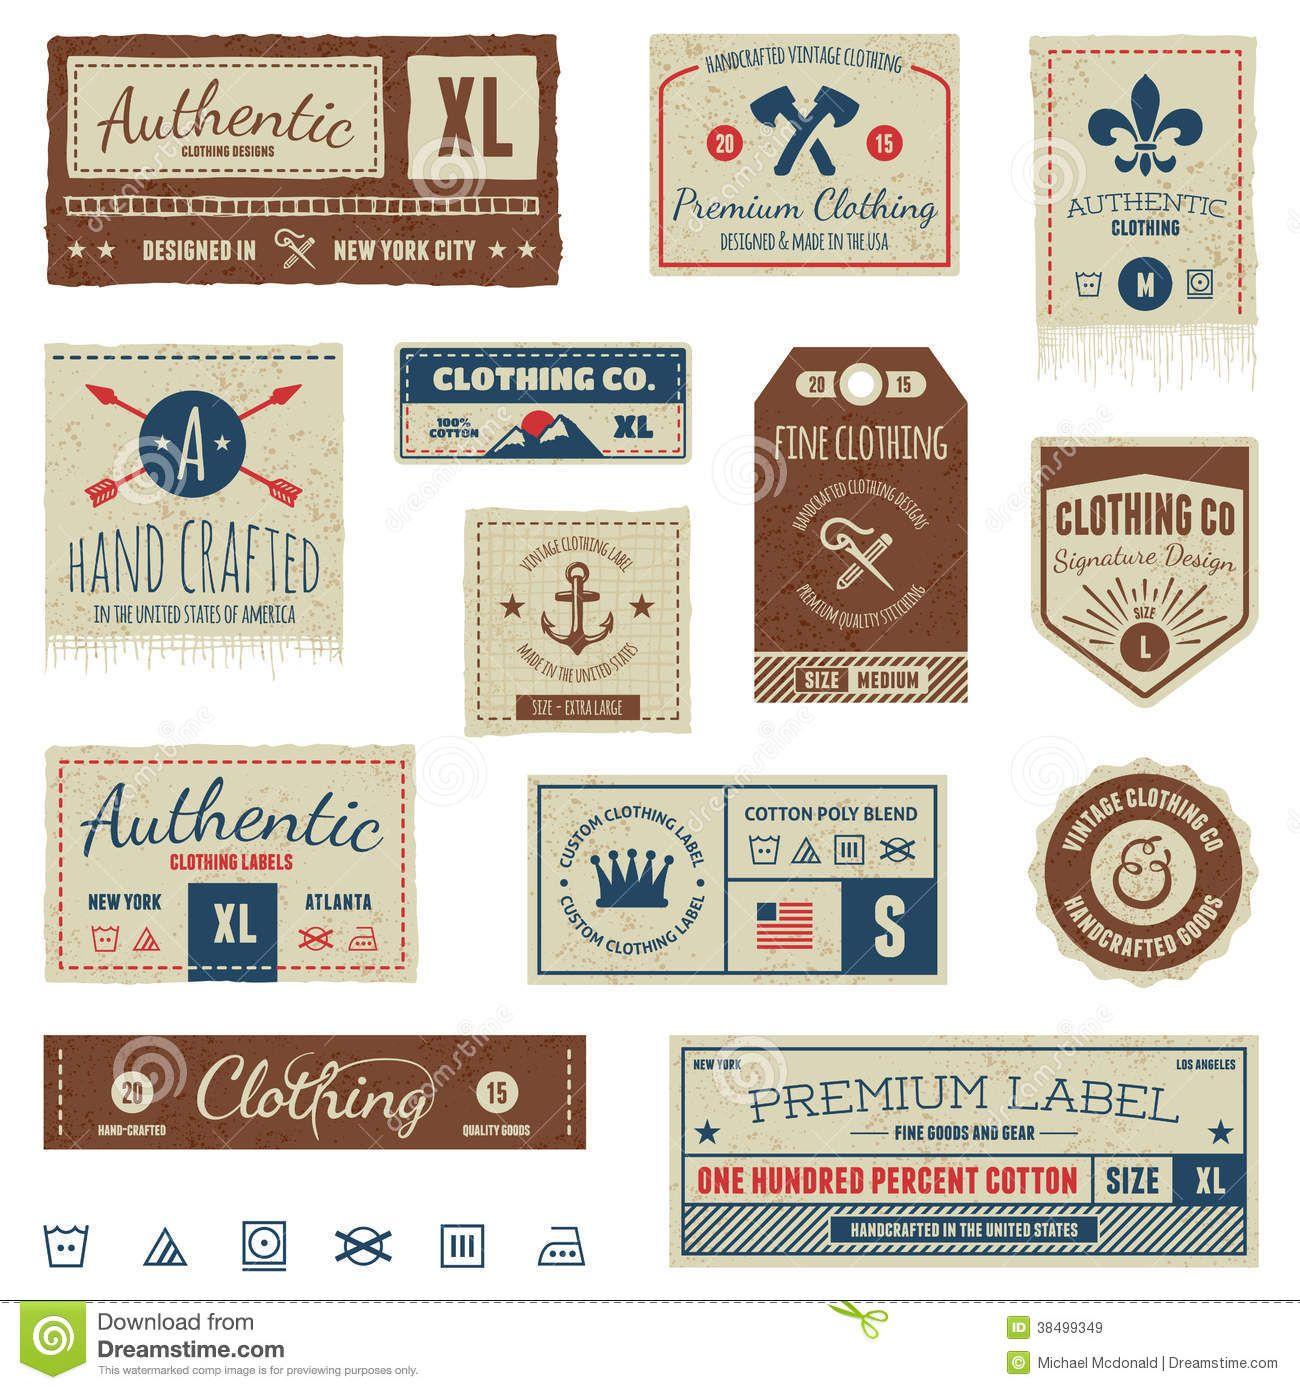 Vintage Clothing Labels Set Of Vintage Clothing Tags And Retro Labels Clothing Tags Vintage Outfits Woven Labels